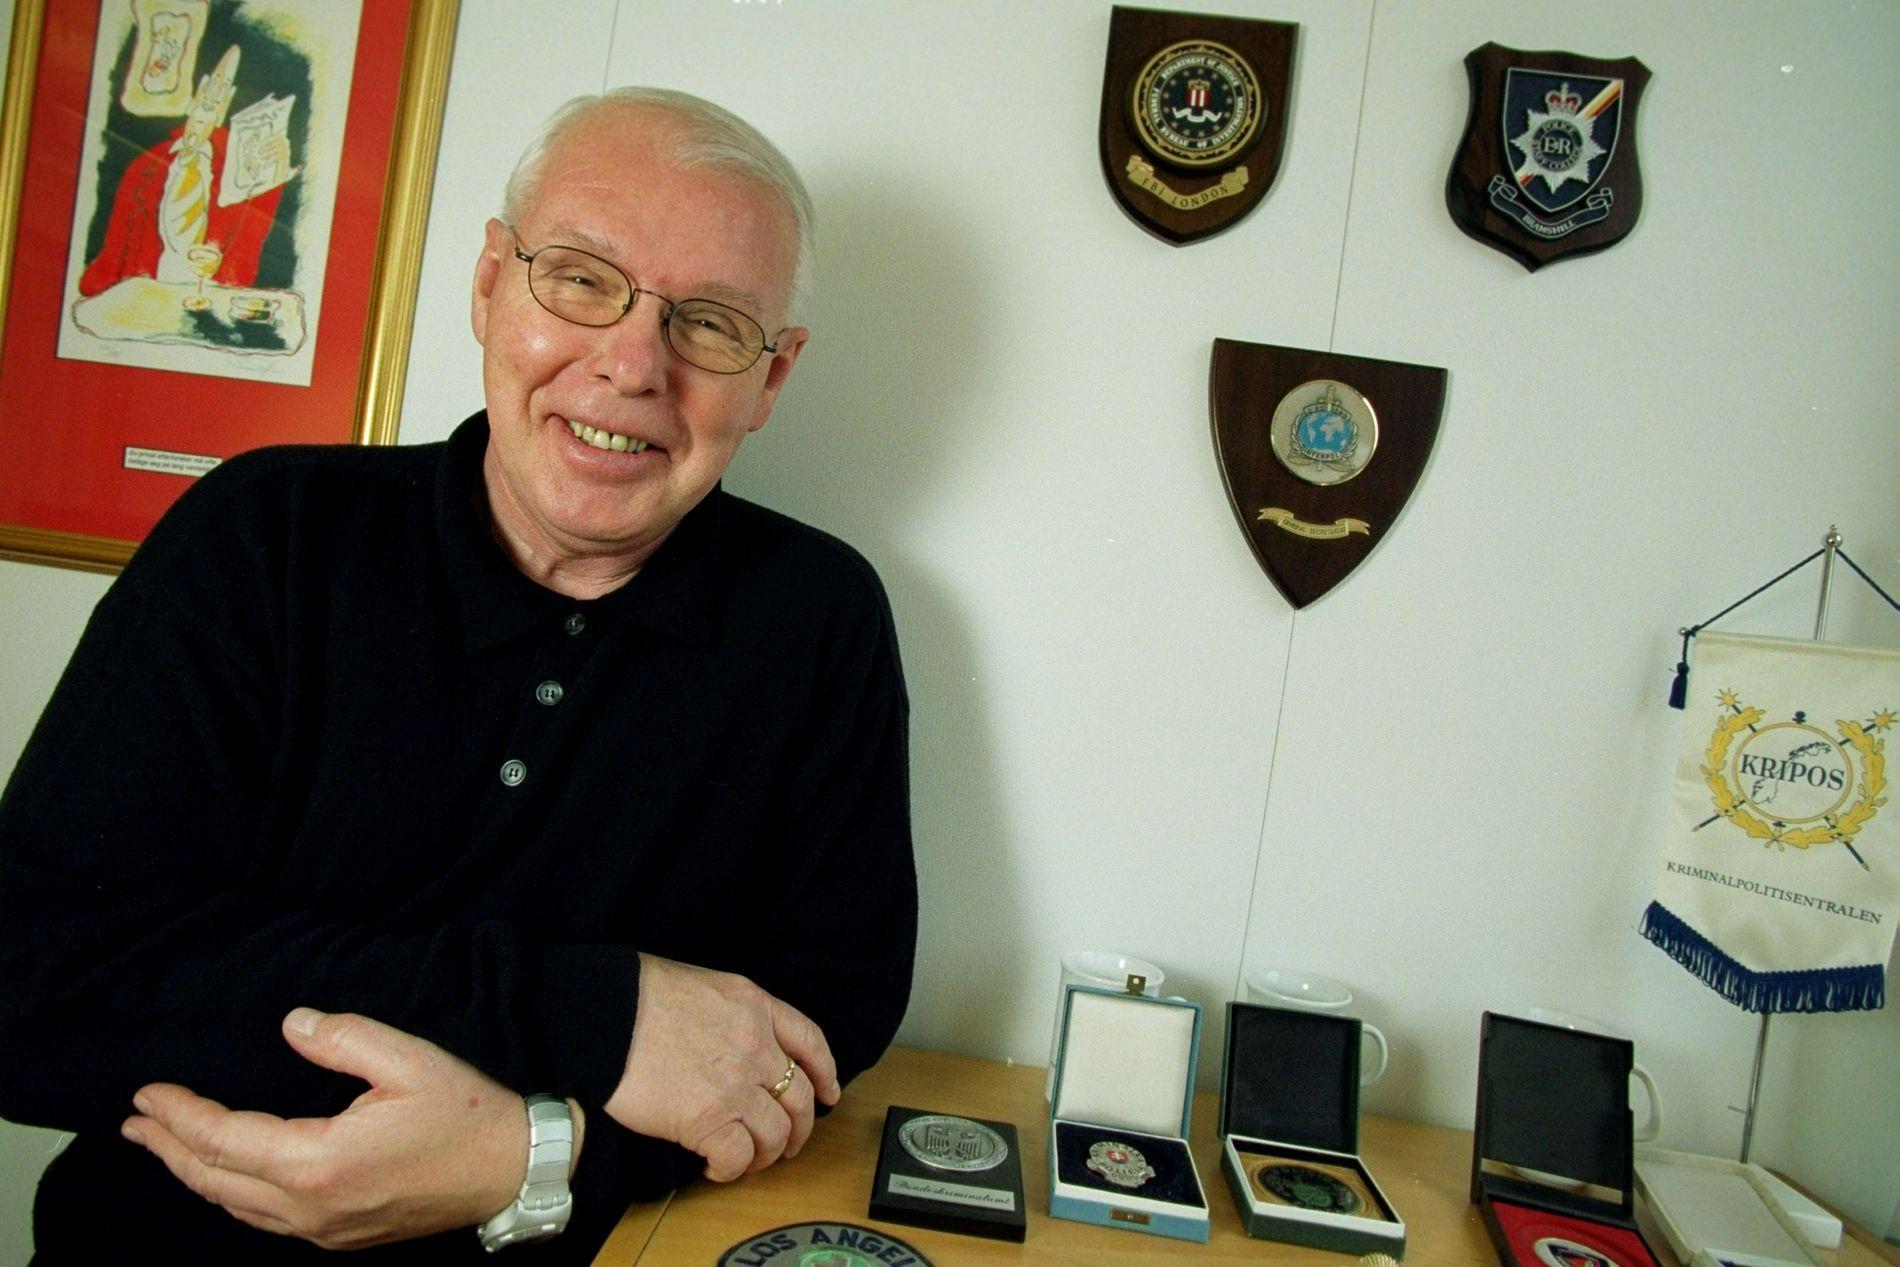 LEDET ETTERFORSKNINGEN: Leif A. Lier mener Oslo-politiet gjorde en kjempejobb med etterforskningen av attentatet mot William Nygaard.